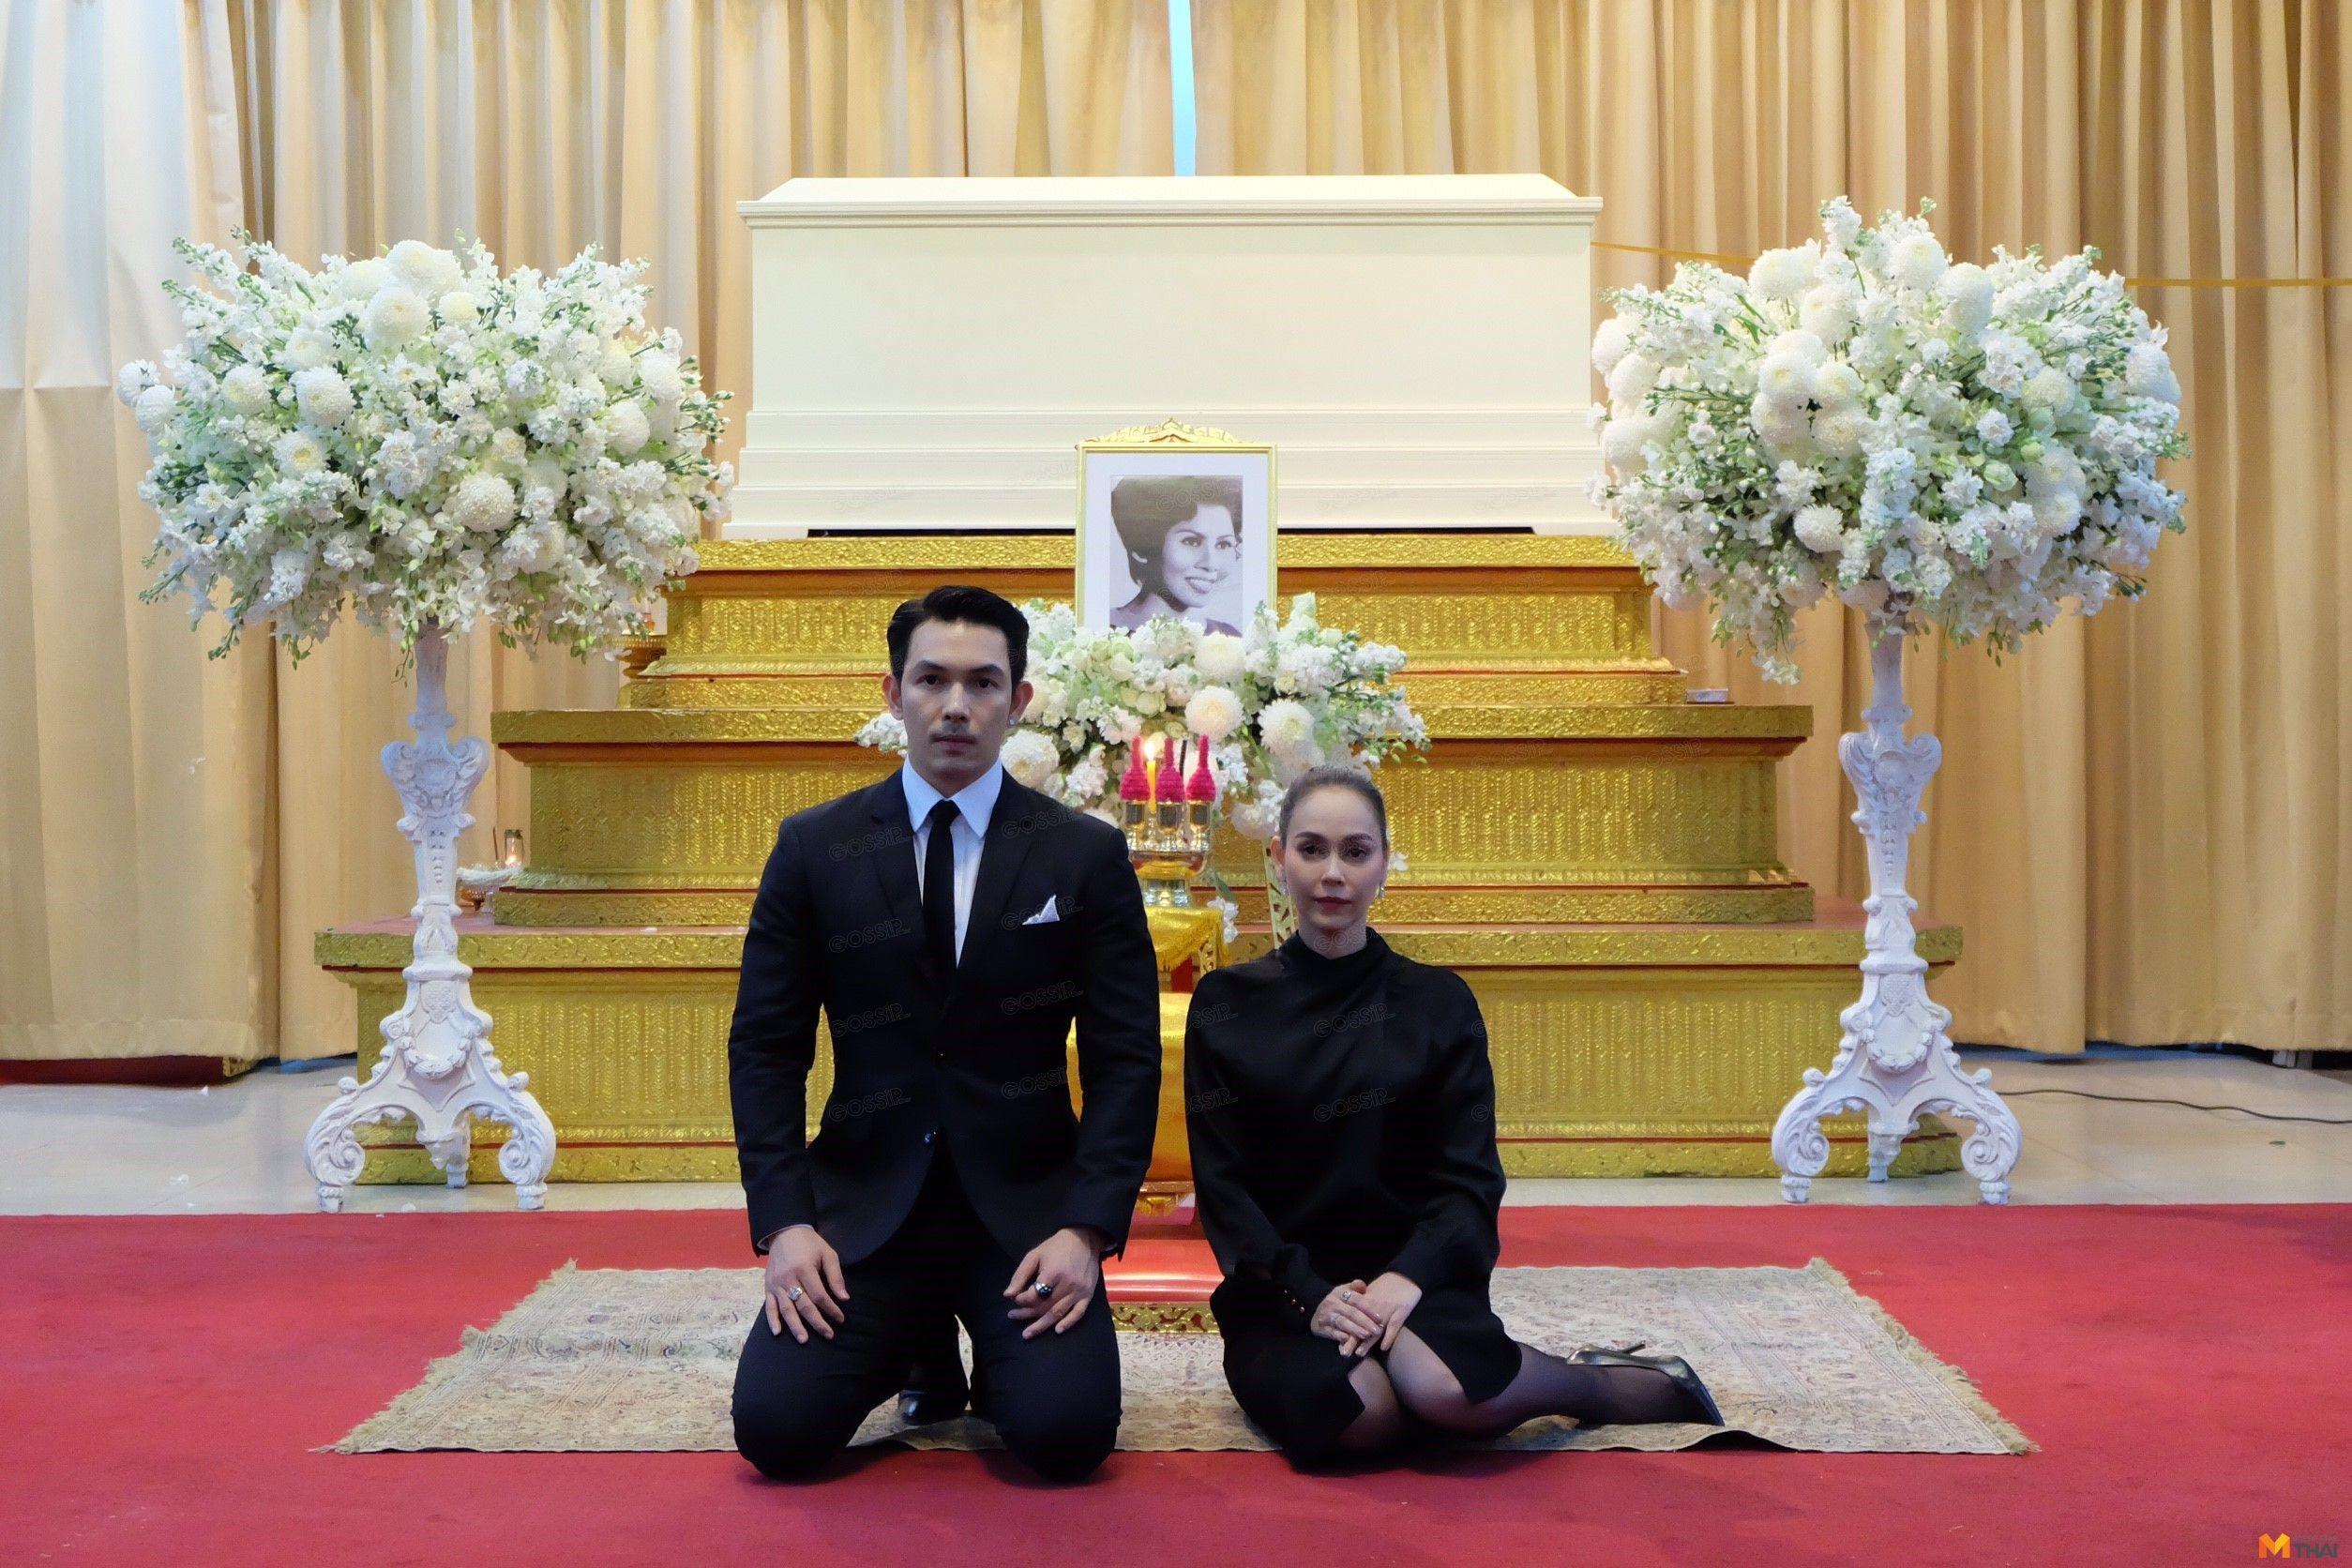 พิธีสวดอภิธรรมศพ คุณแม่จินดา เต็งมีศรี